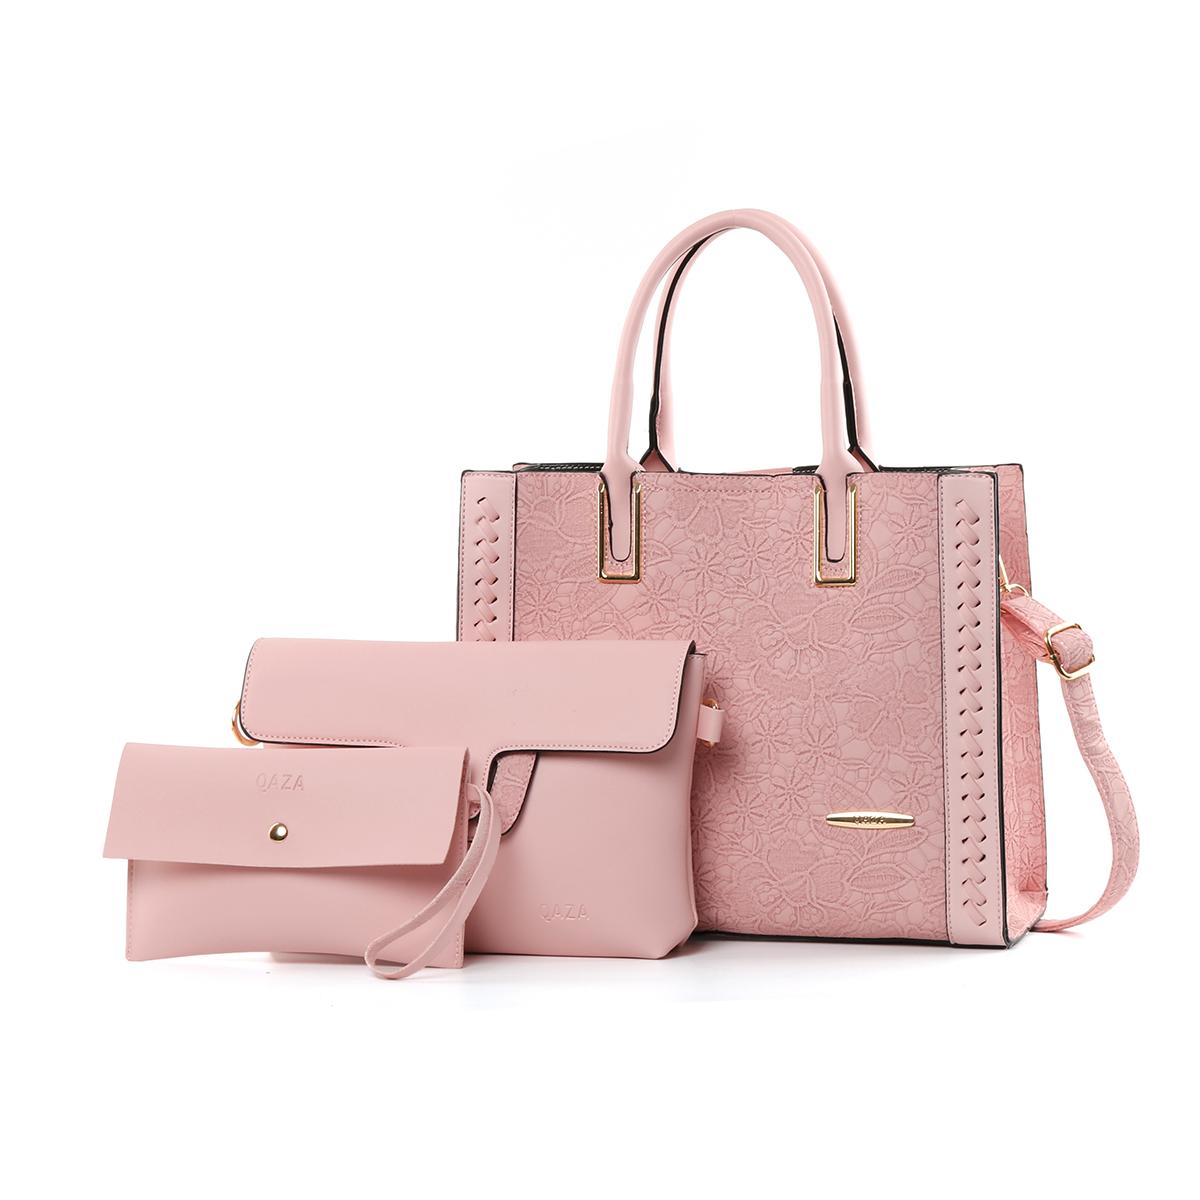 ZR95Z Guangzhou Nieuwe Aangekomen Handtassen Groothandel Markt Vrouwen 3 In 1 Set Pu Lederen Handtassen Set